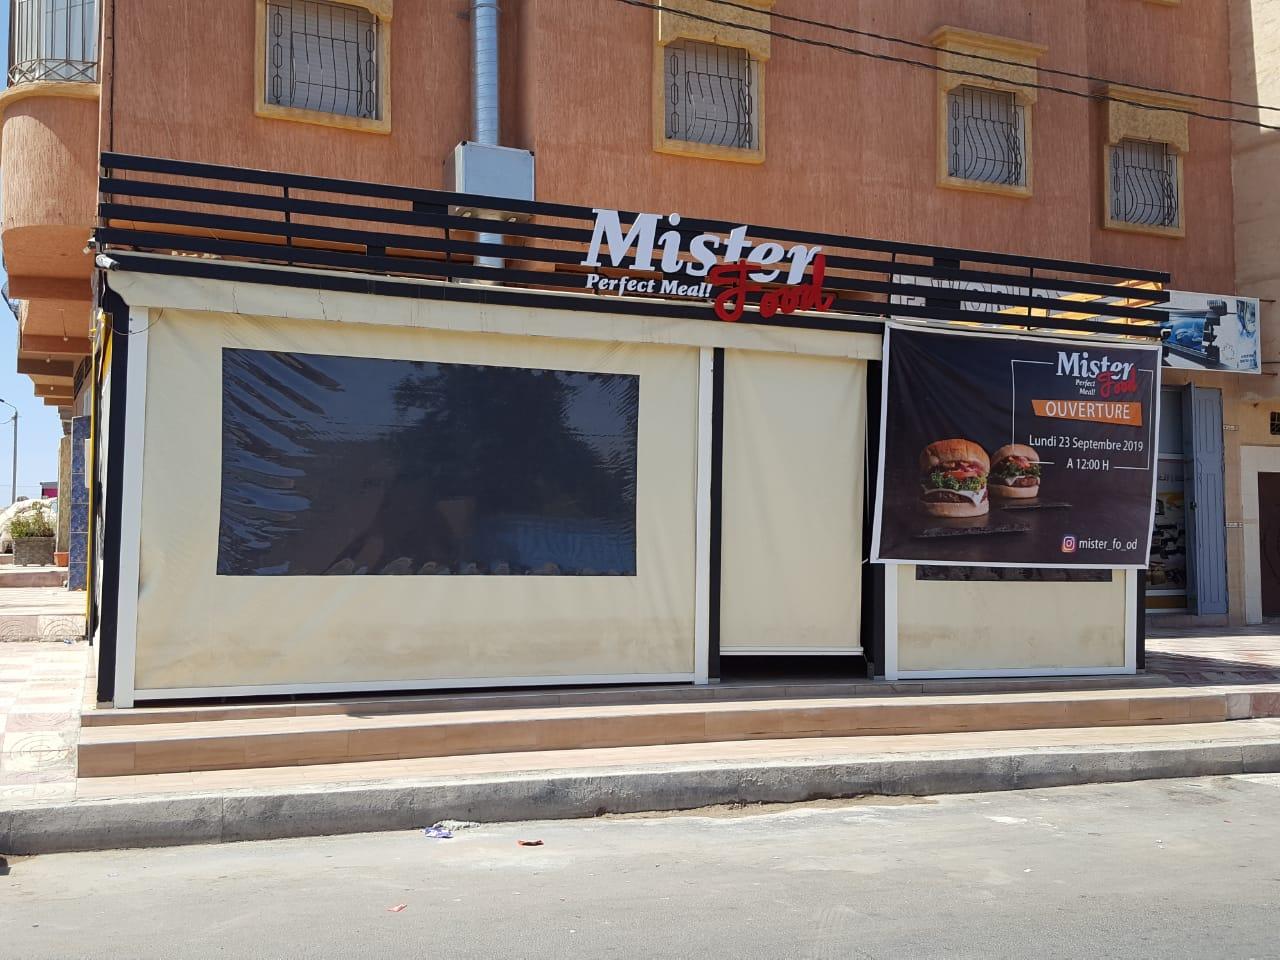 تيزنيت: مقهى لرجل سلطة فوق الرّصيف ويدعوكم للإفتتاح بعد غد الاثنين في عز حملة تحرير الملك العام